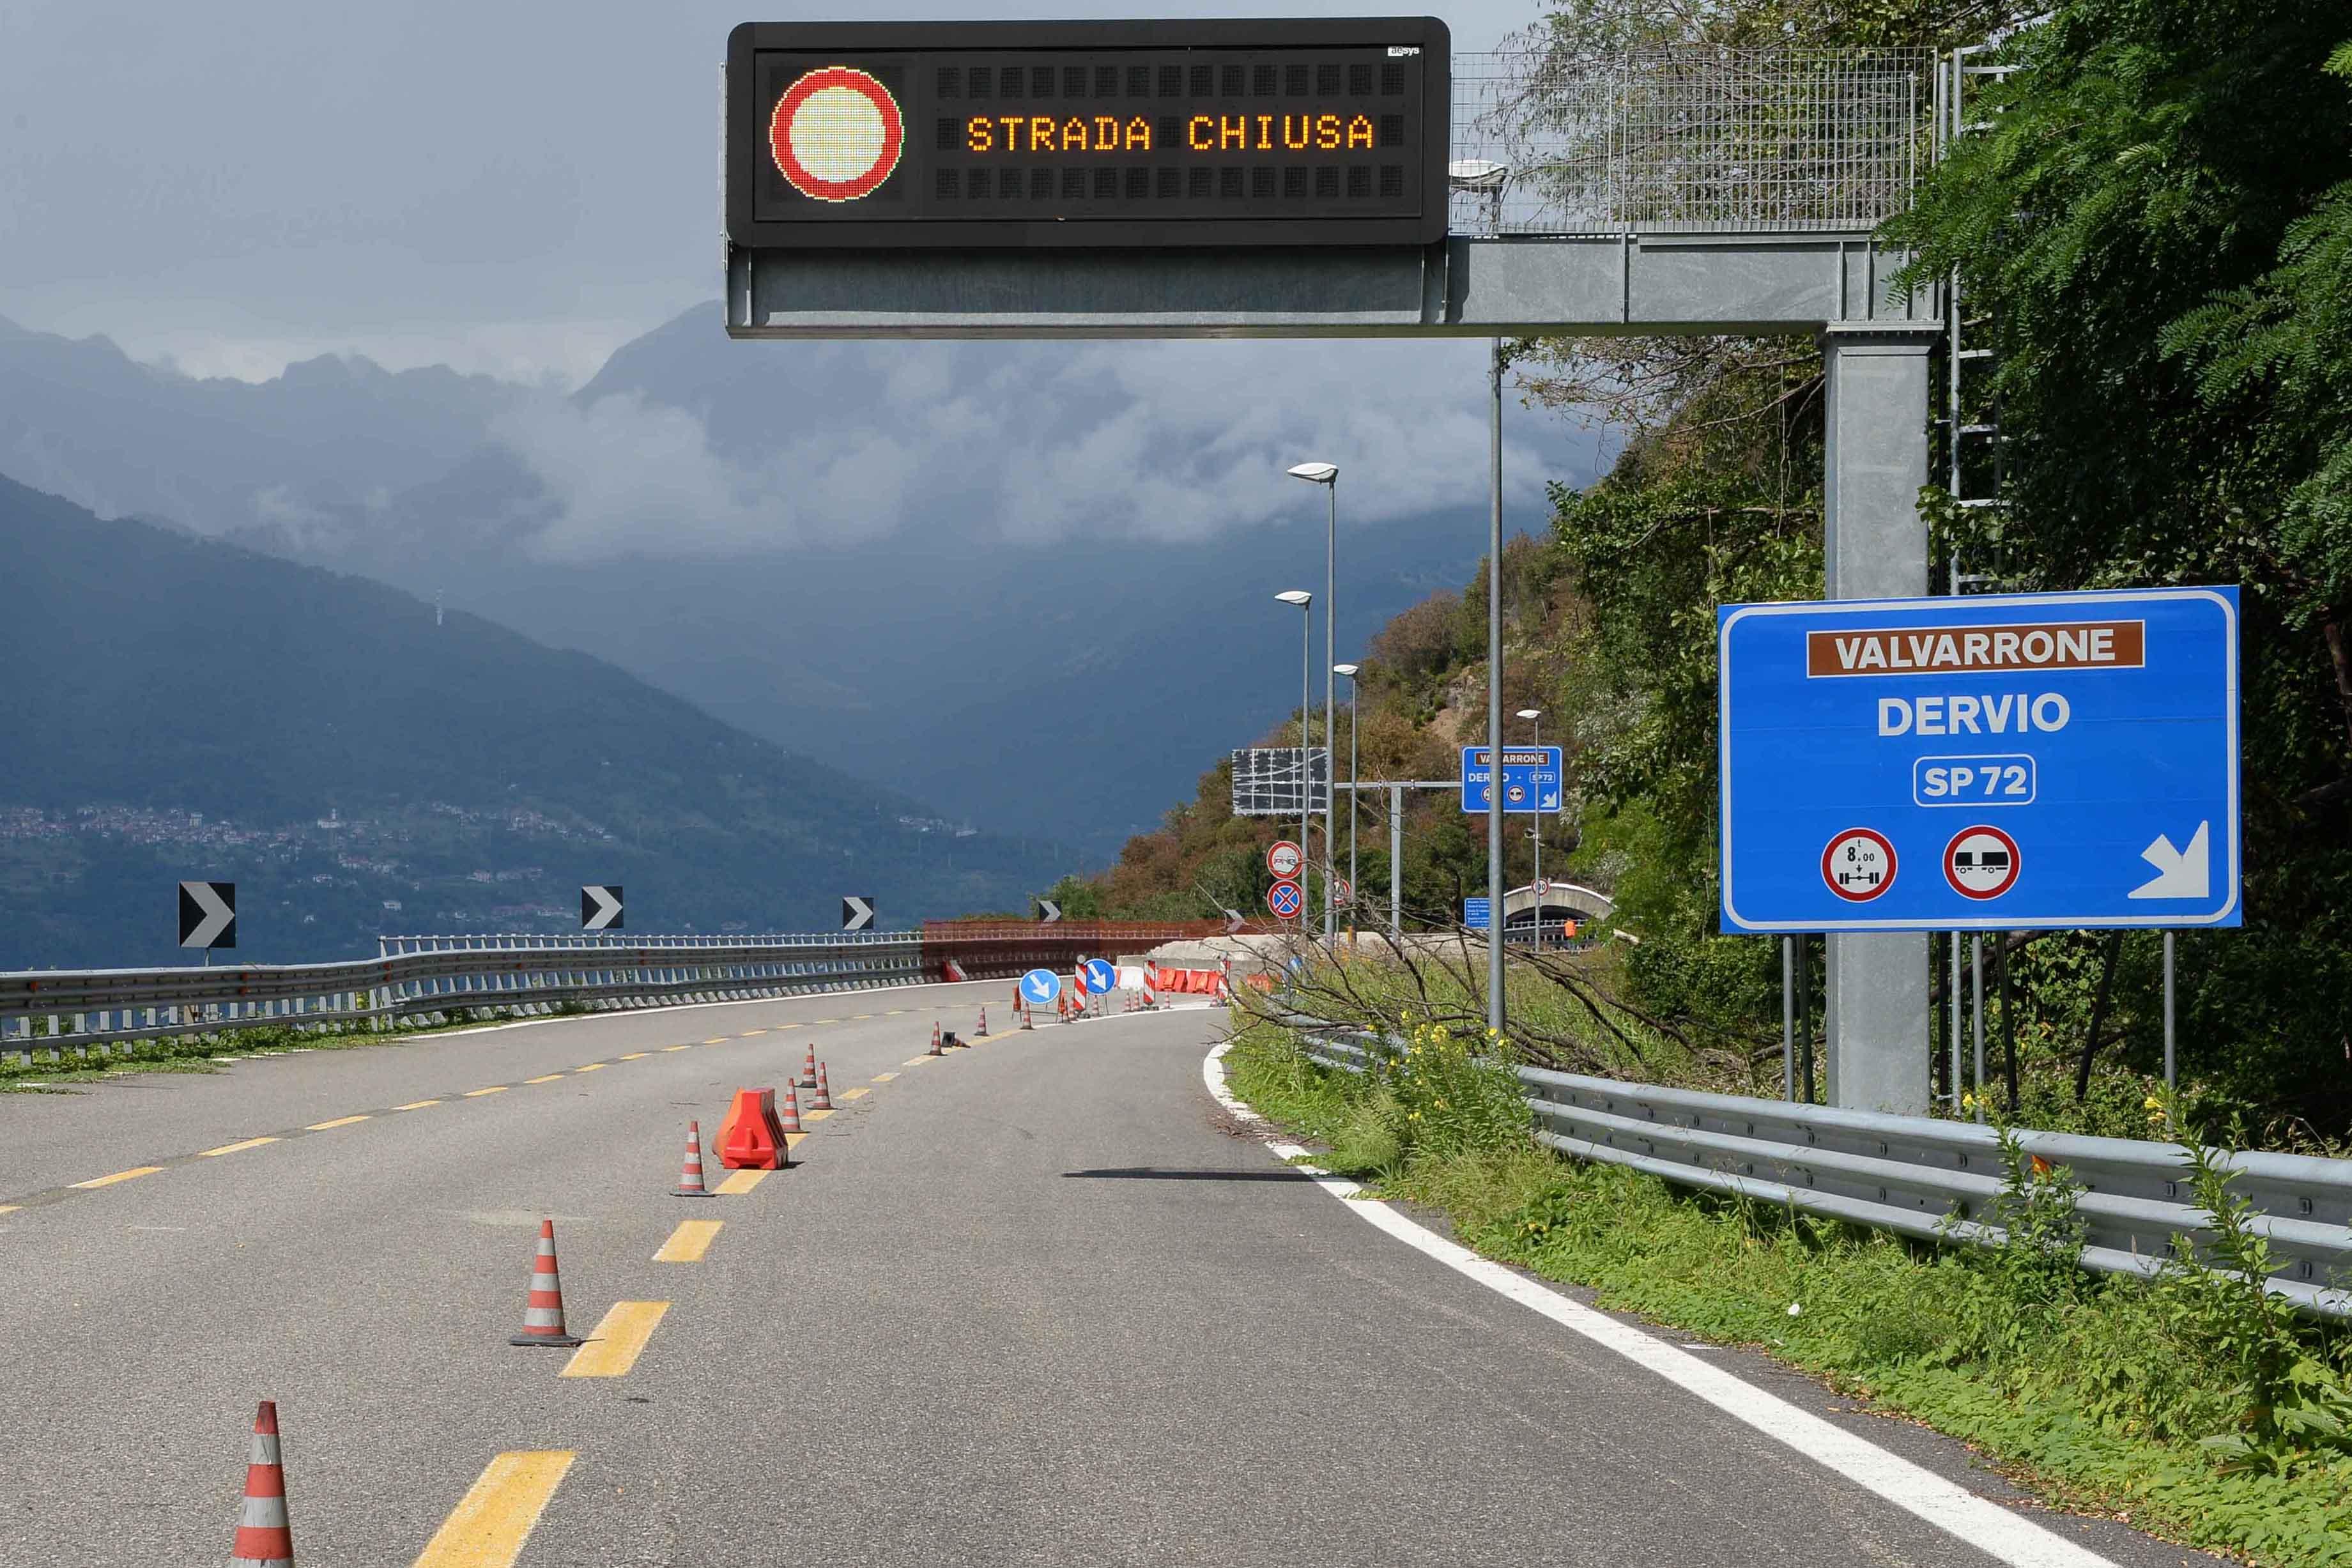 Dervio strada statale ss36 chiusa l'uscita allo svincolo di Dervio